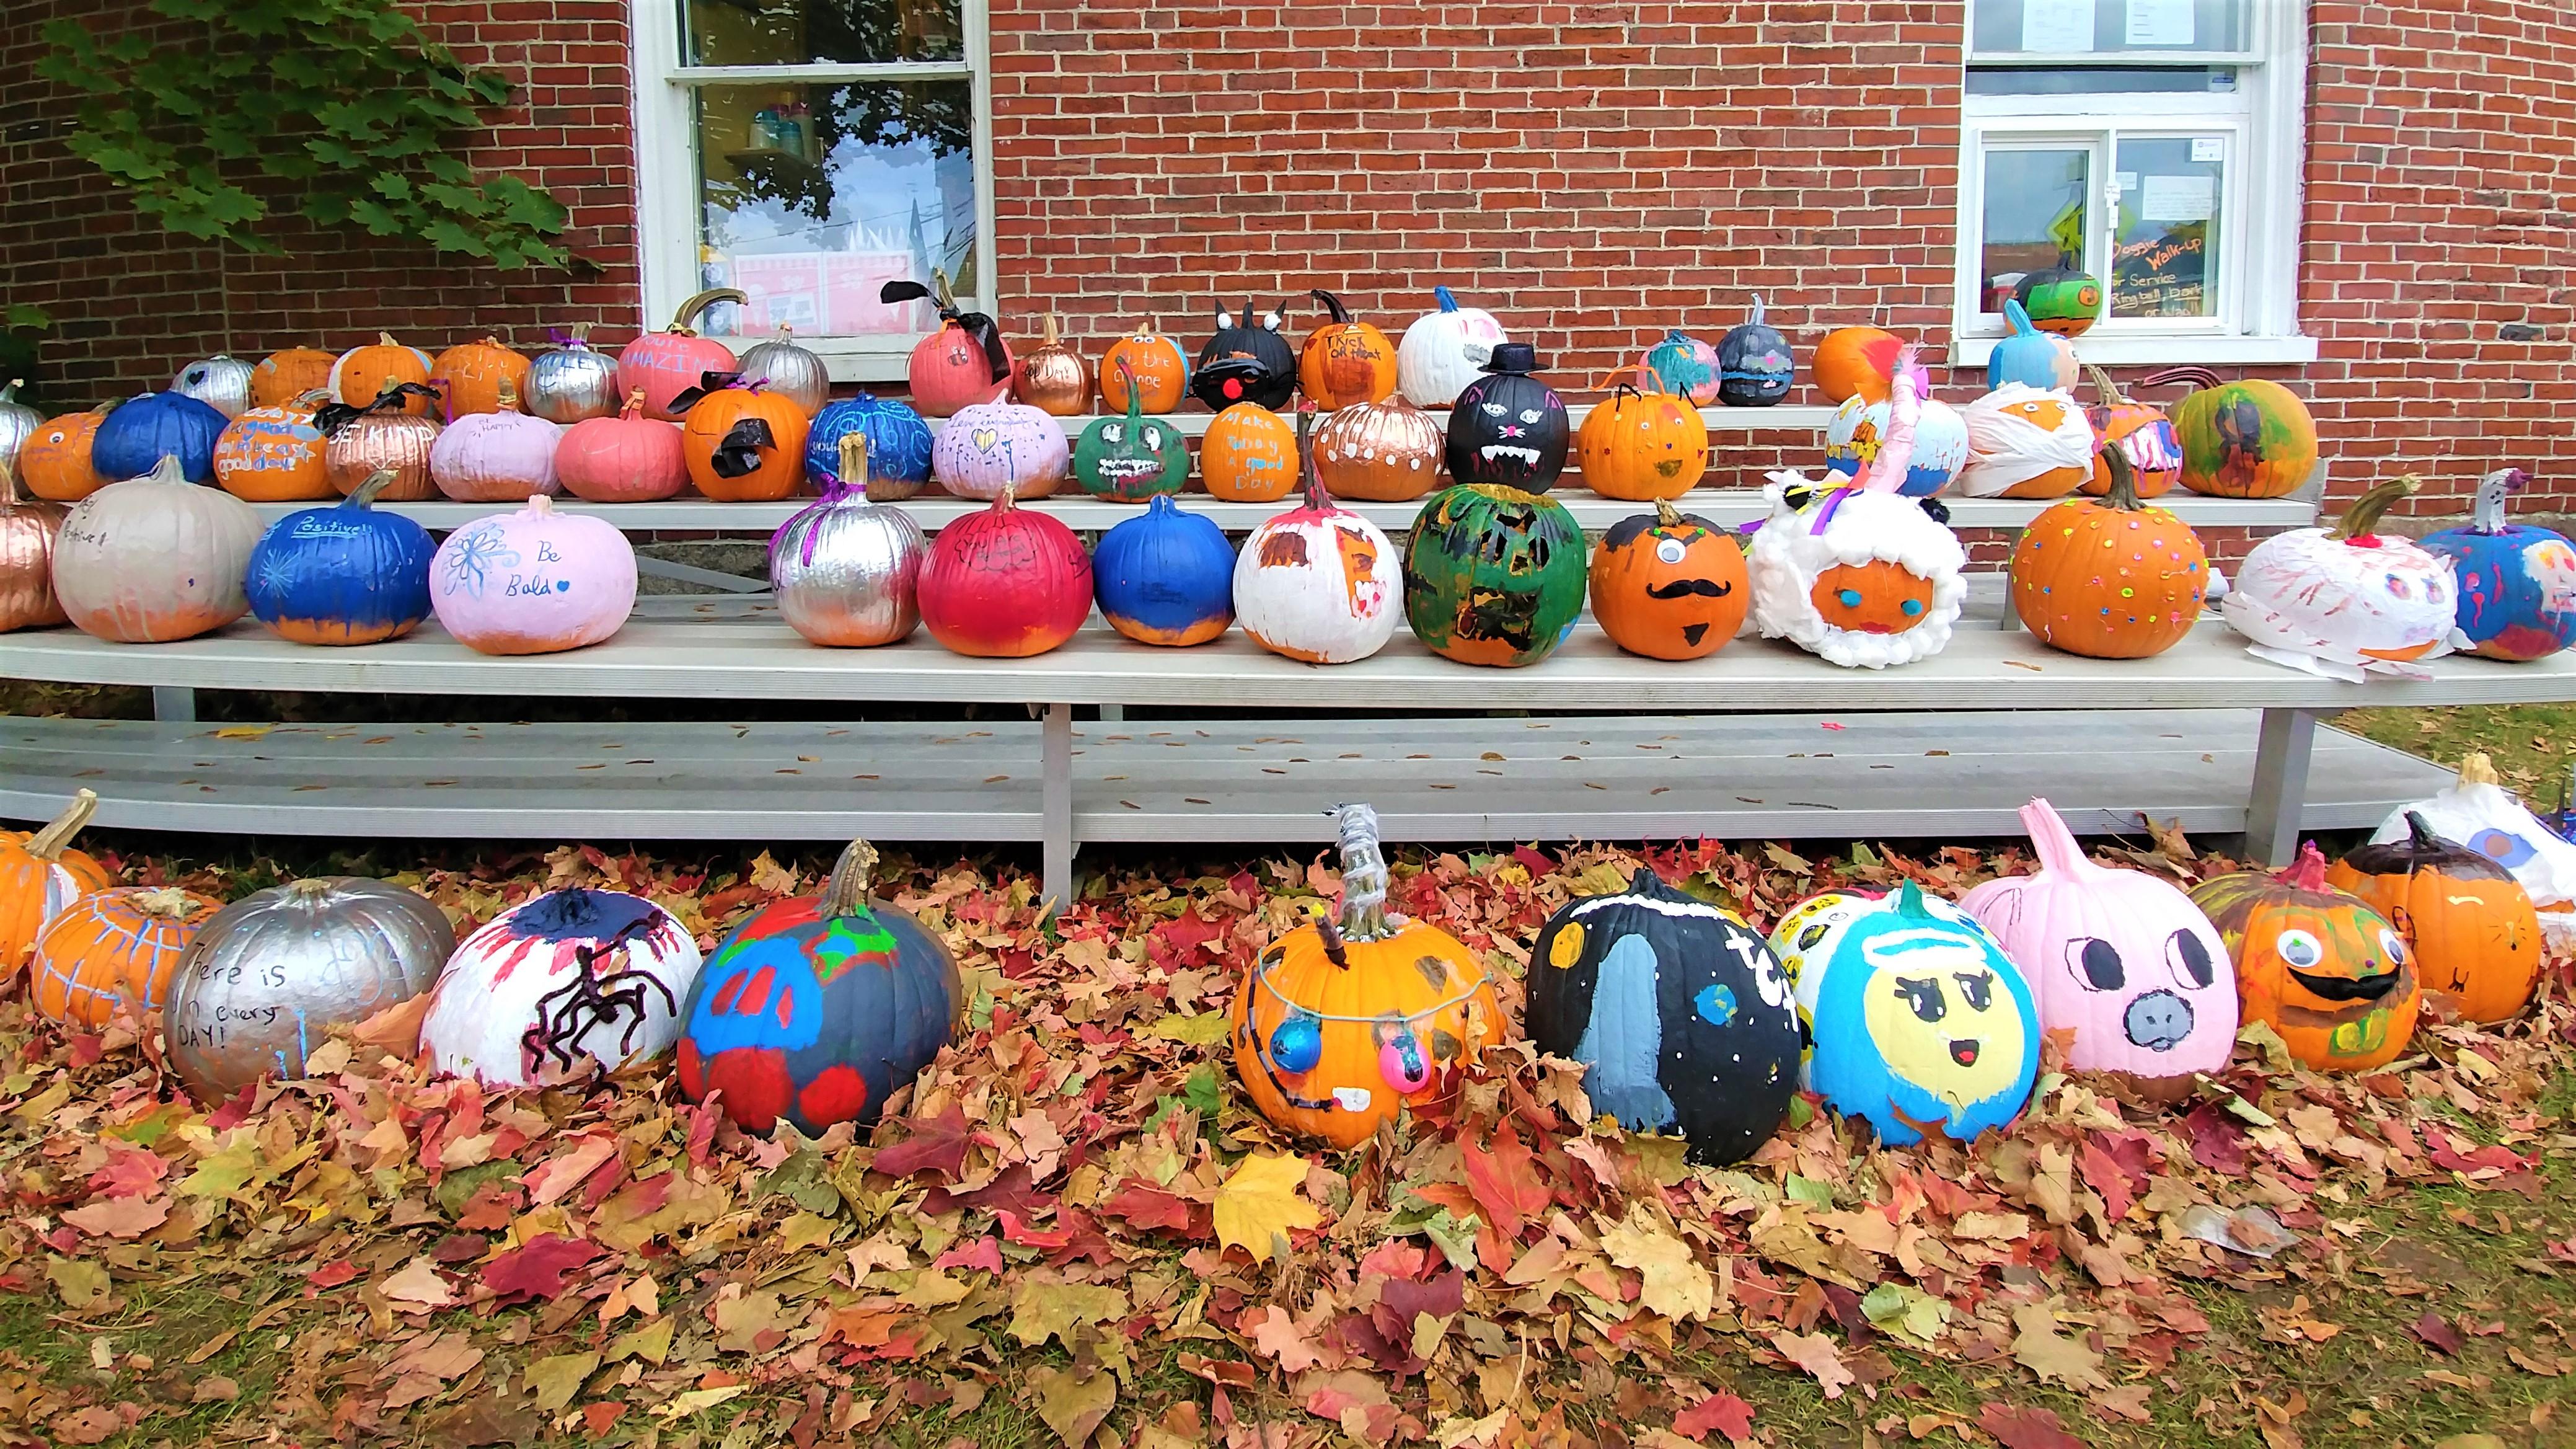 saco halloween road-trip boston usa blog voyage arpenter le chemin